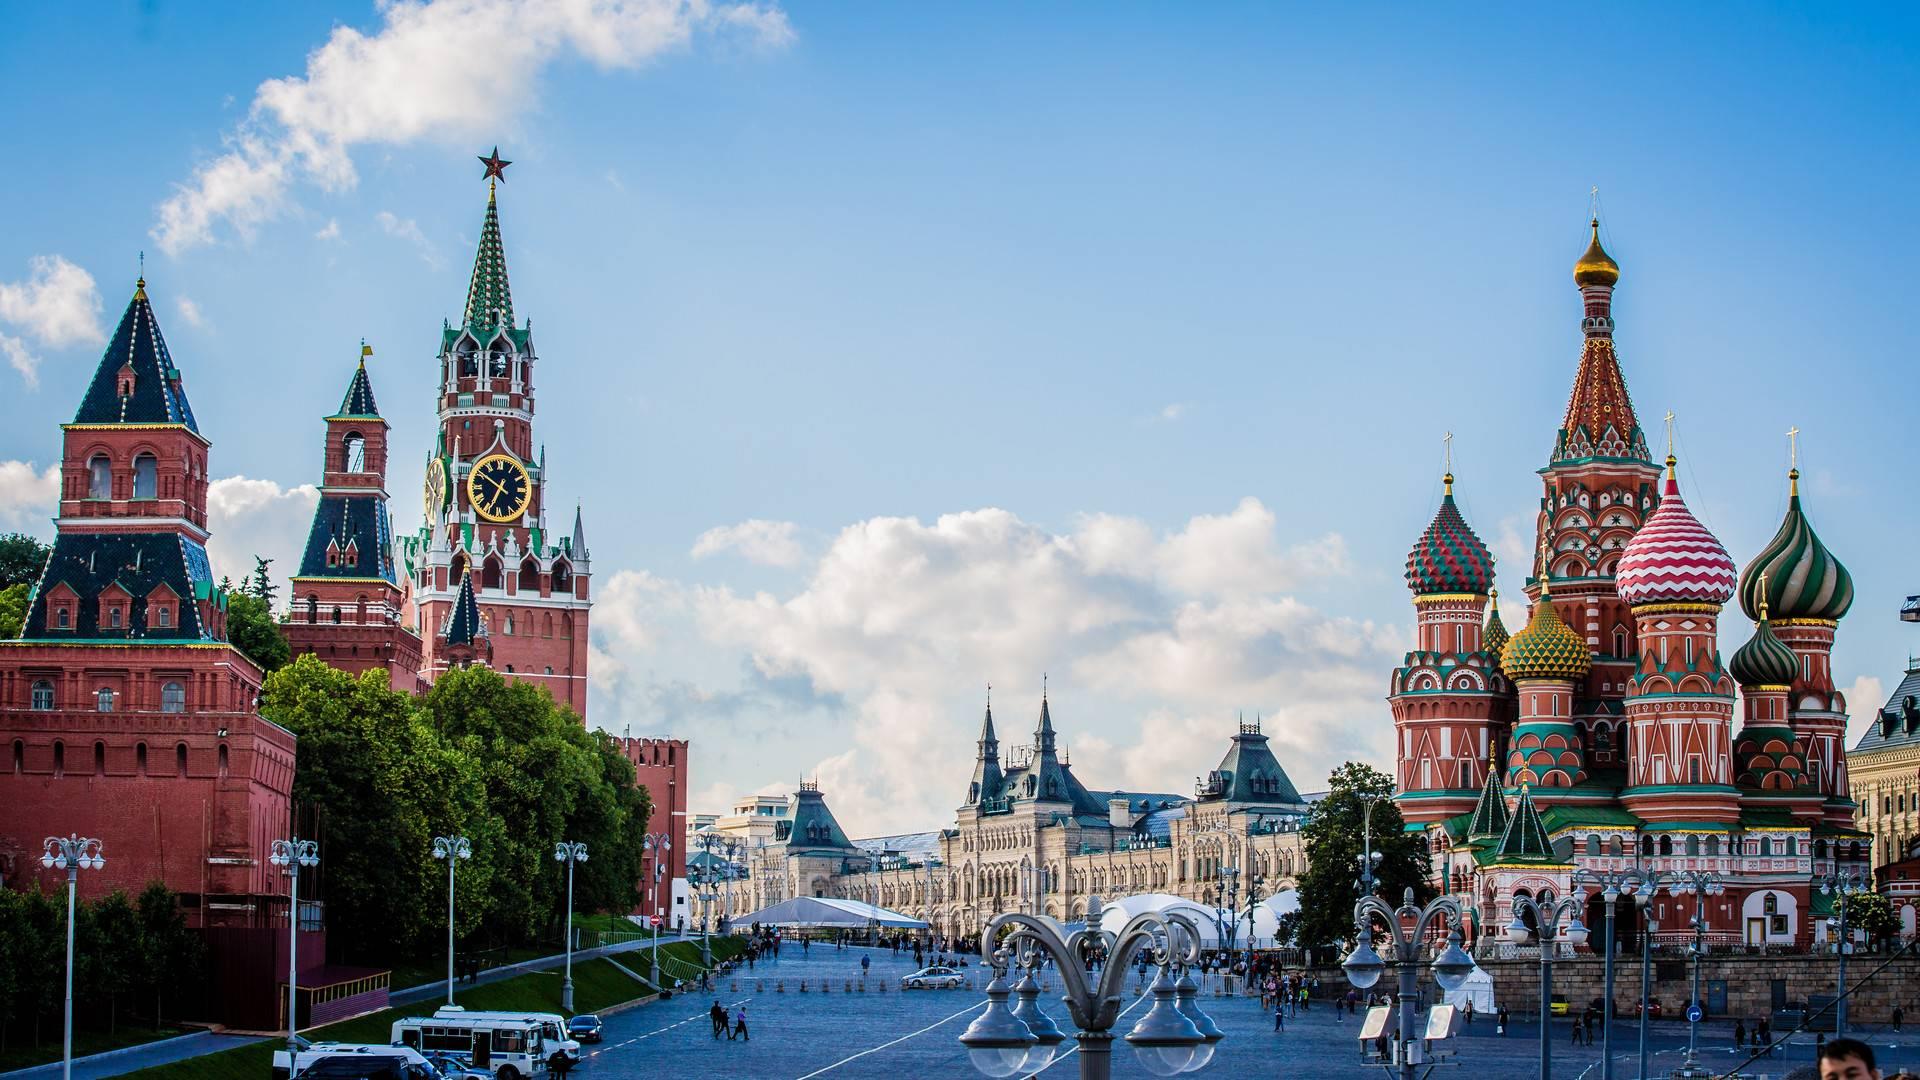 【纯玩】俄罗斯莫斯科+圣彼得堡8天5晚